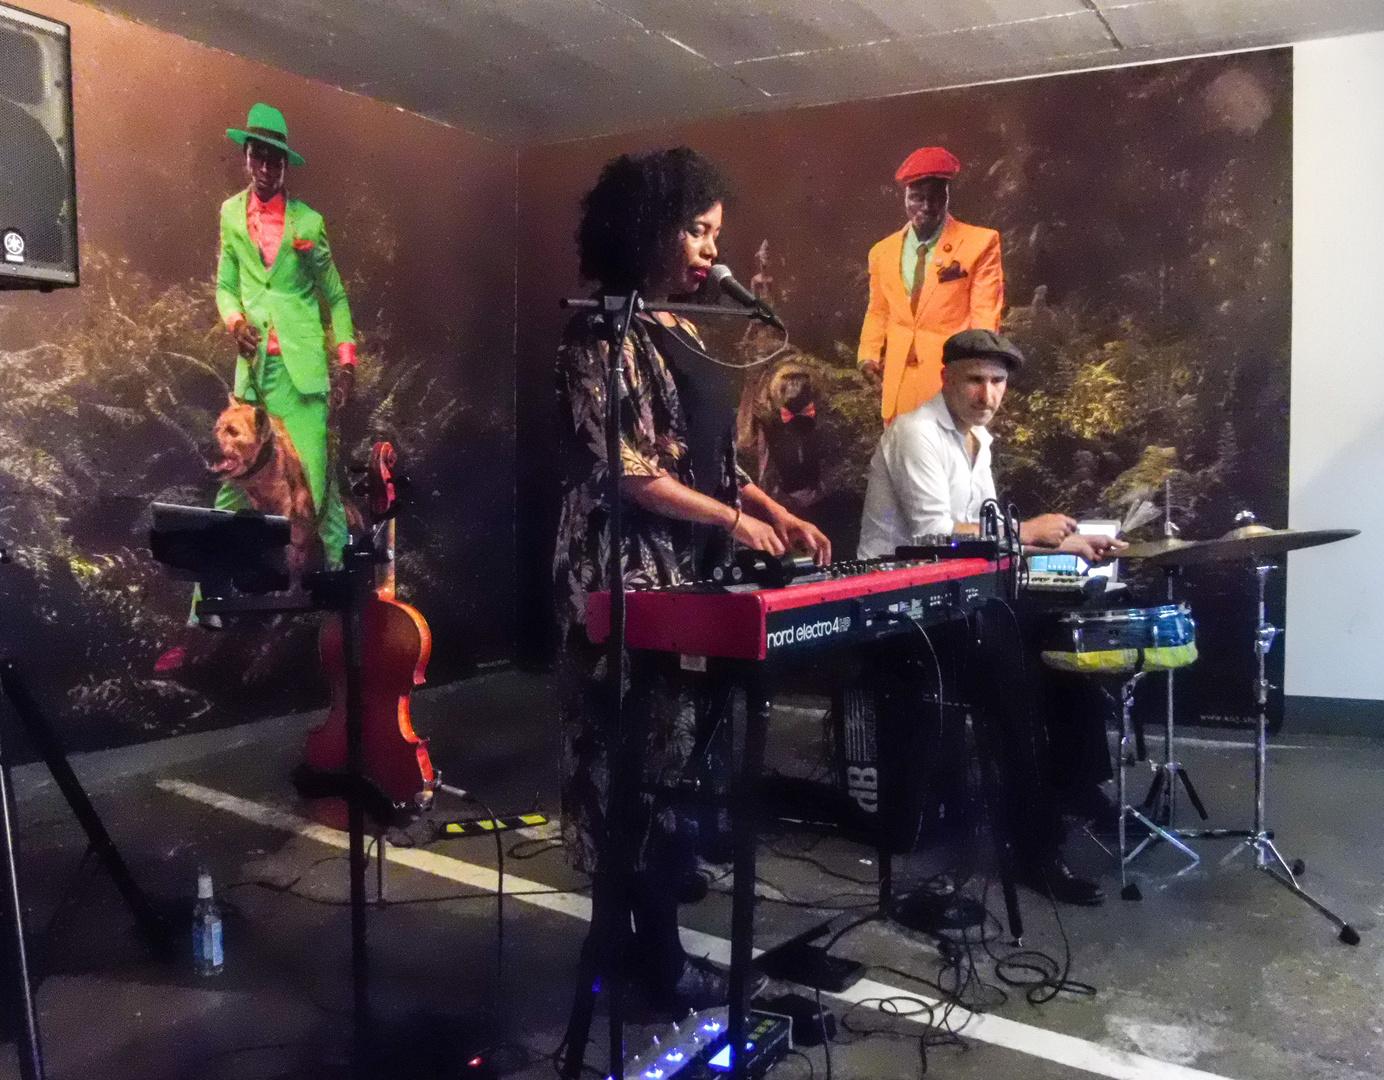 PP Musik stgt Zbik lum-19-col Aktuell